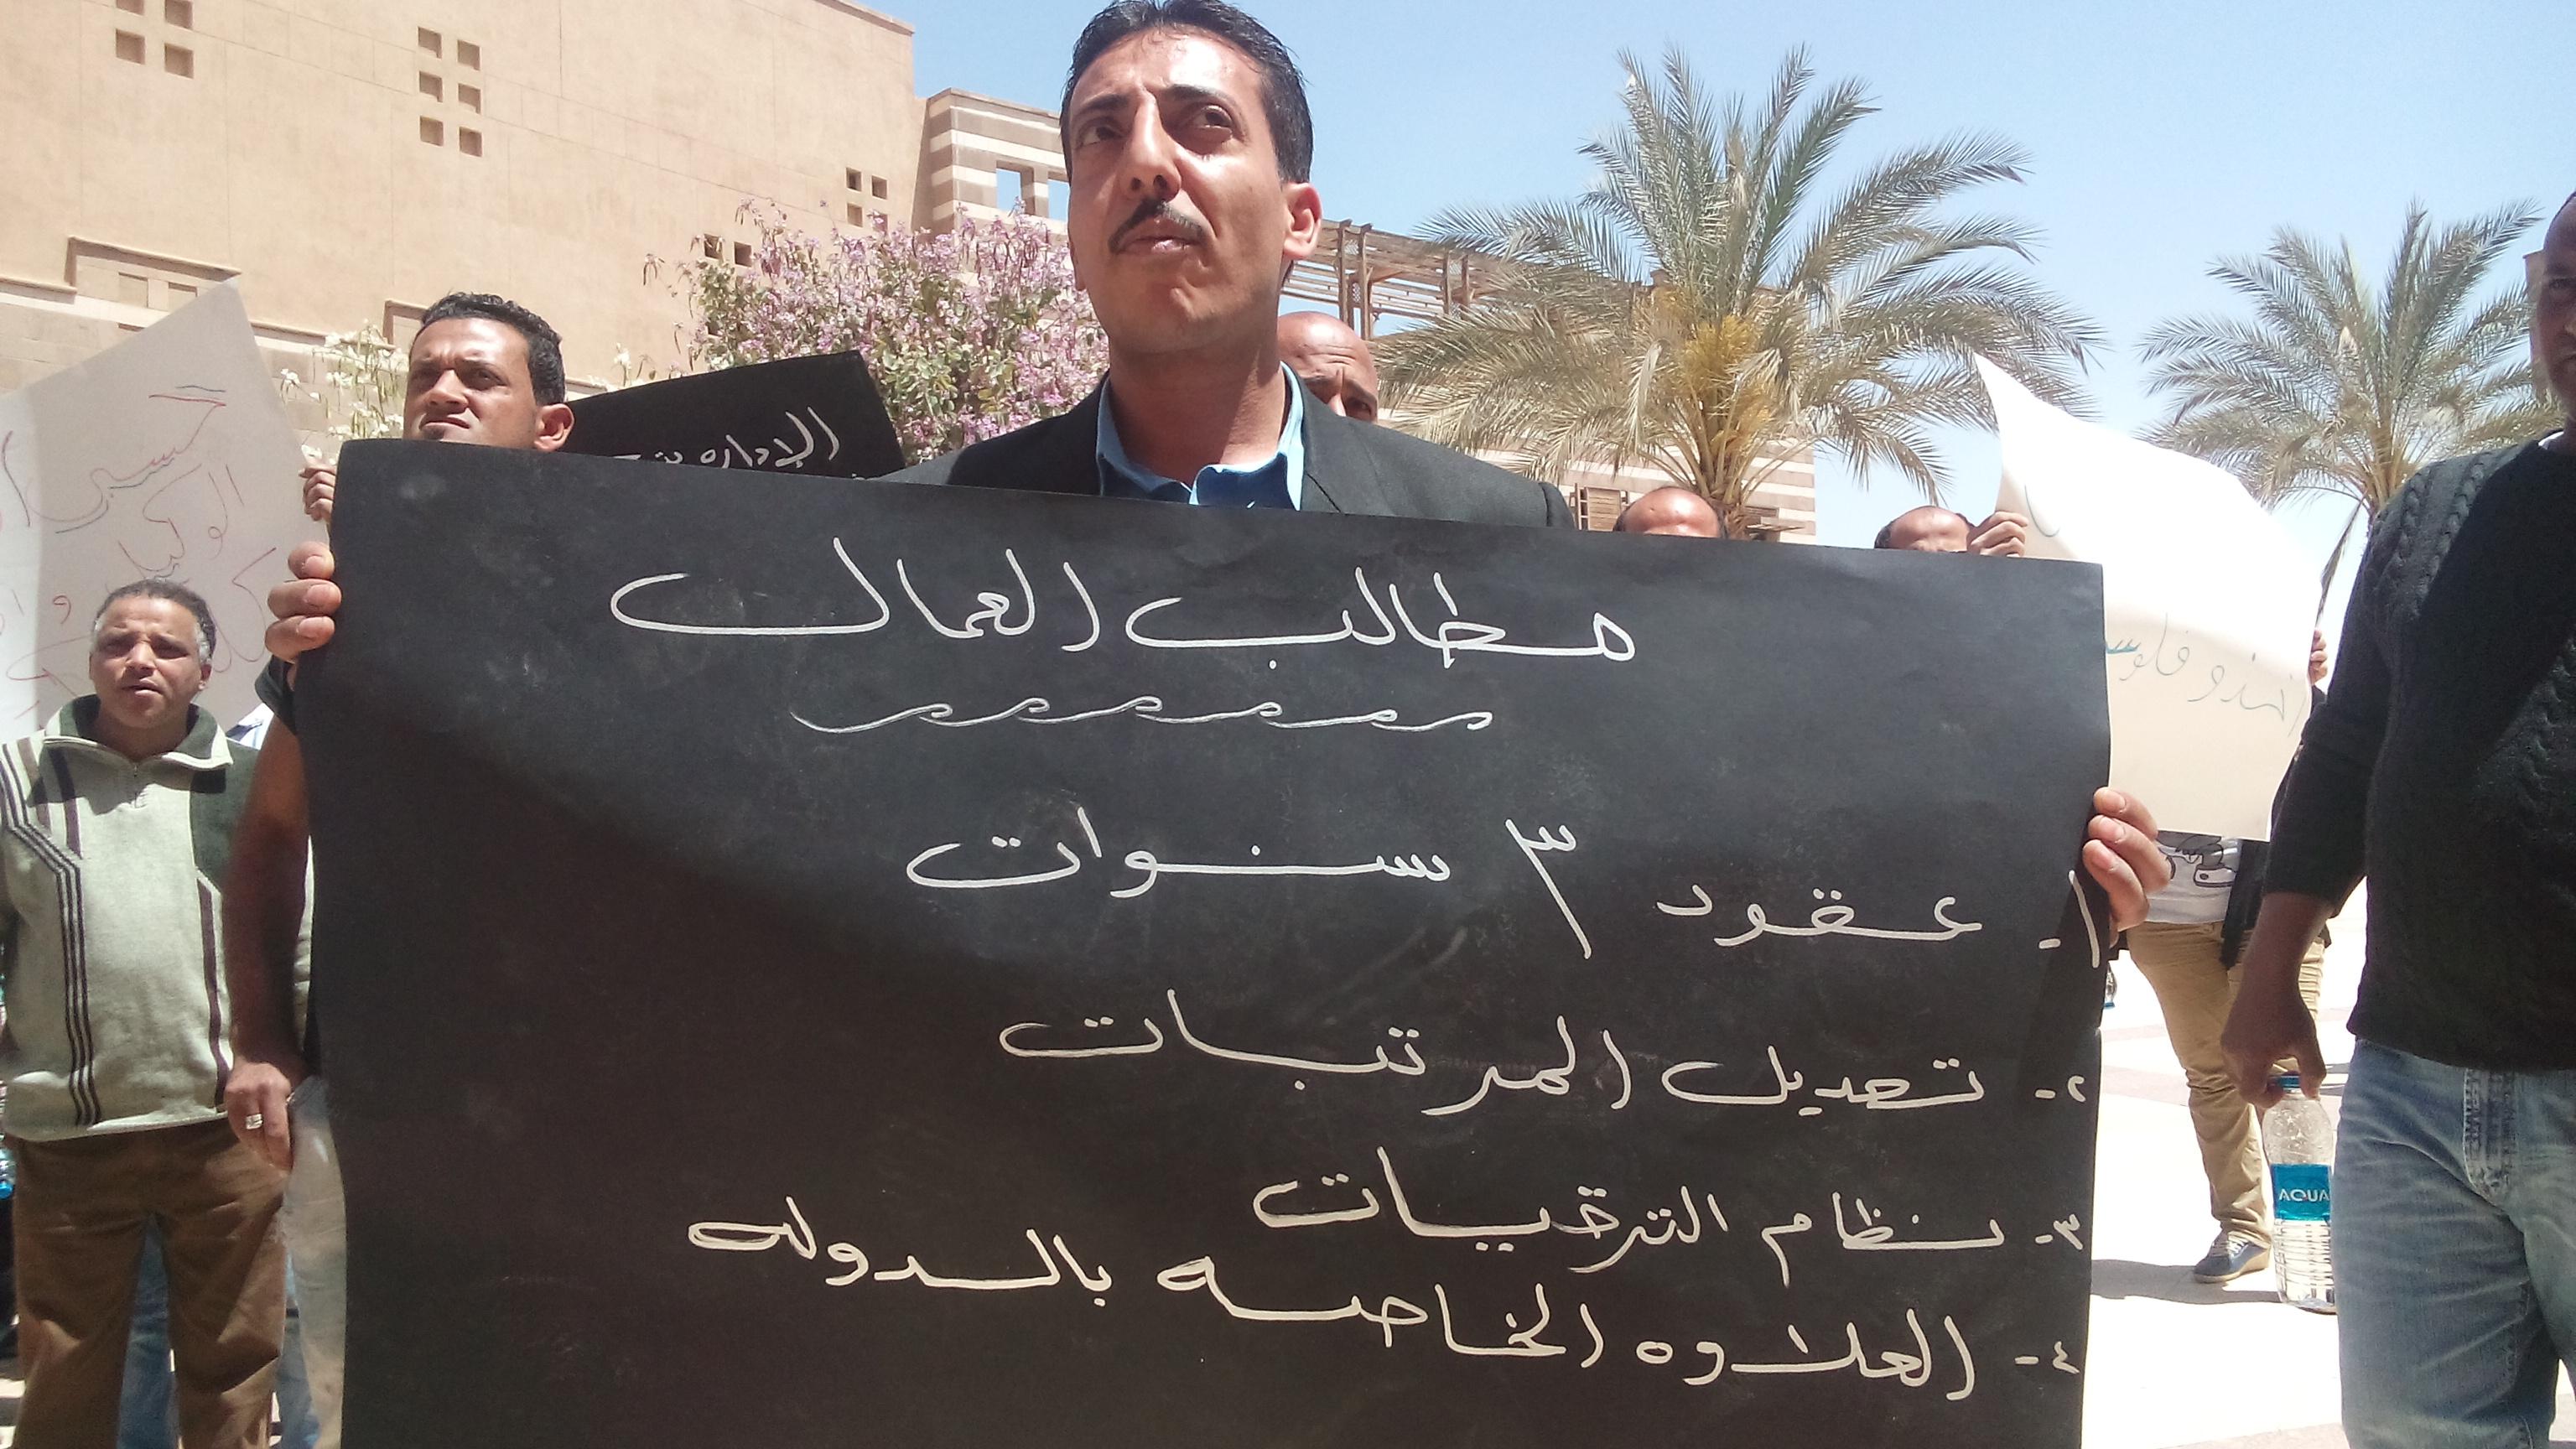 تظاهر عمال الجامعة الأمريكية